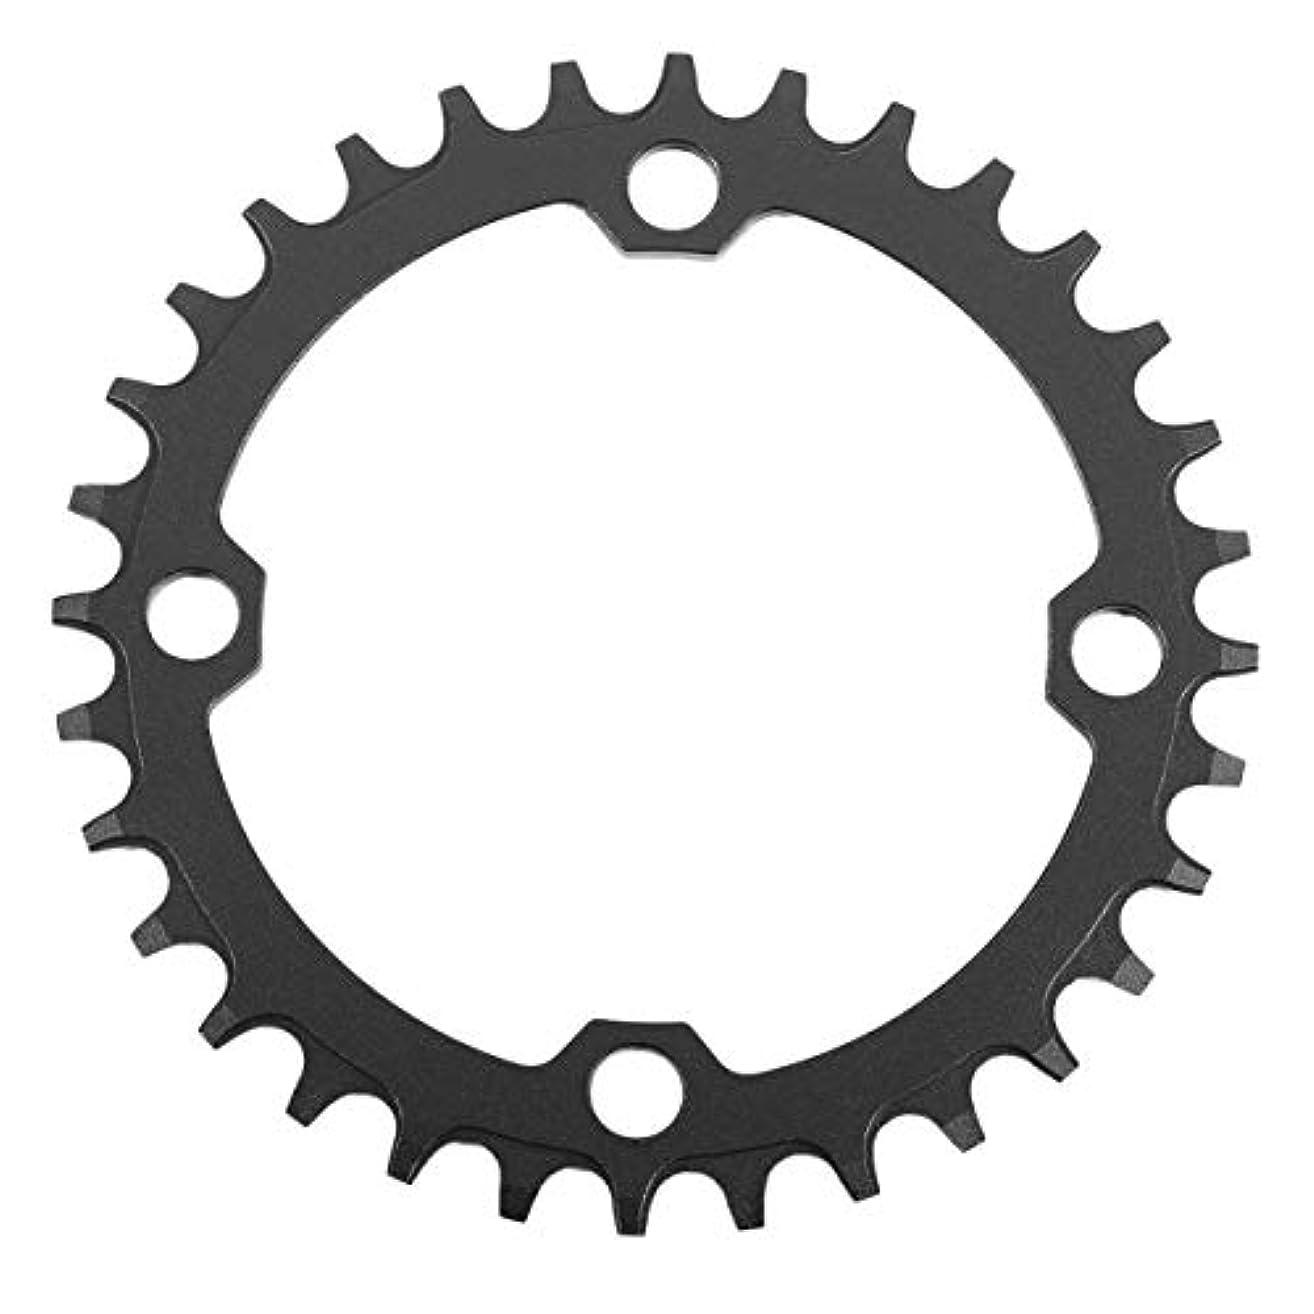 歩道月ロイヤリティDECKAS Narrow Wide Bike MTB Crank Round Oval Chainring Chain Ring自転車Chainwheel Bike Circle Single Plate-ブラック